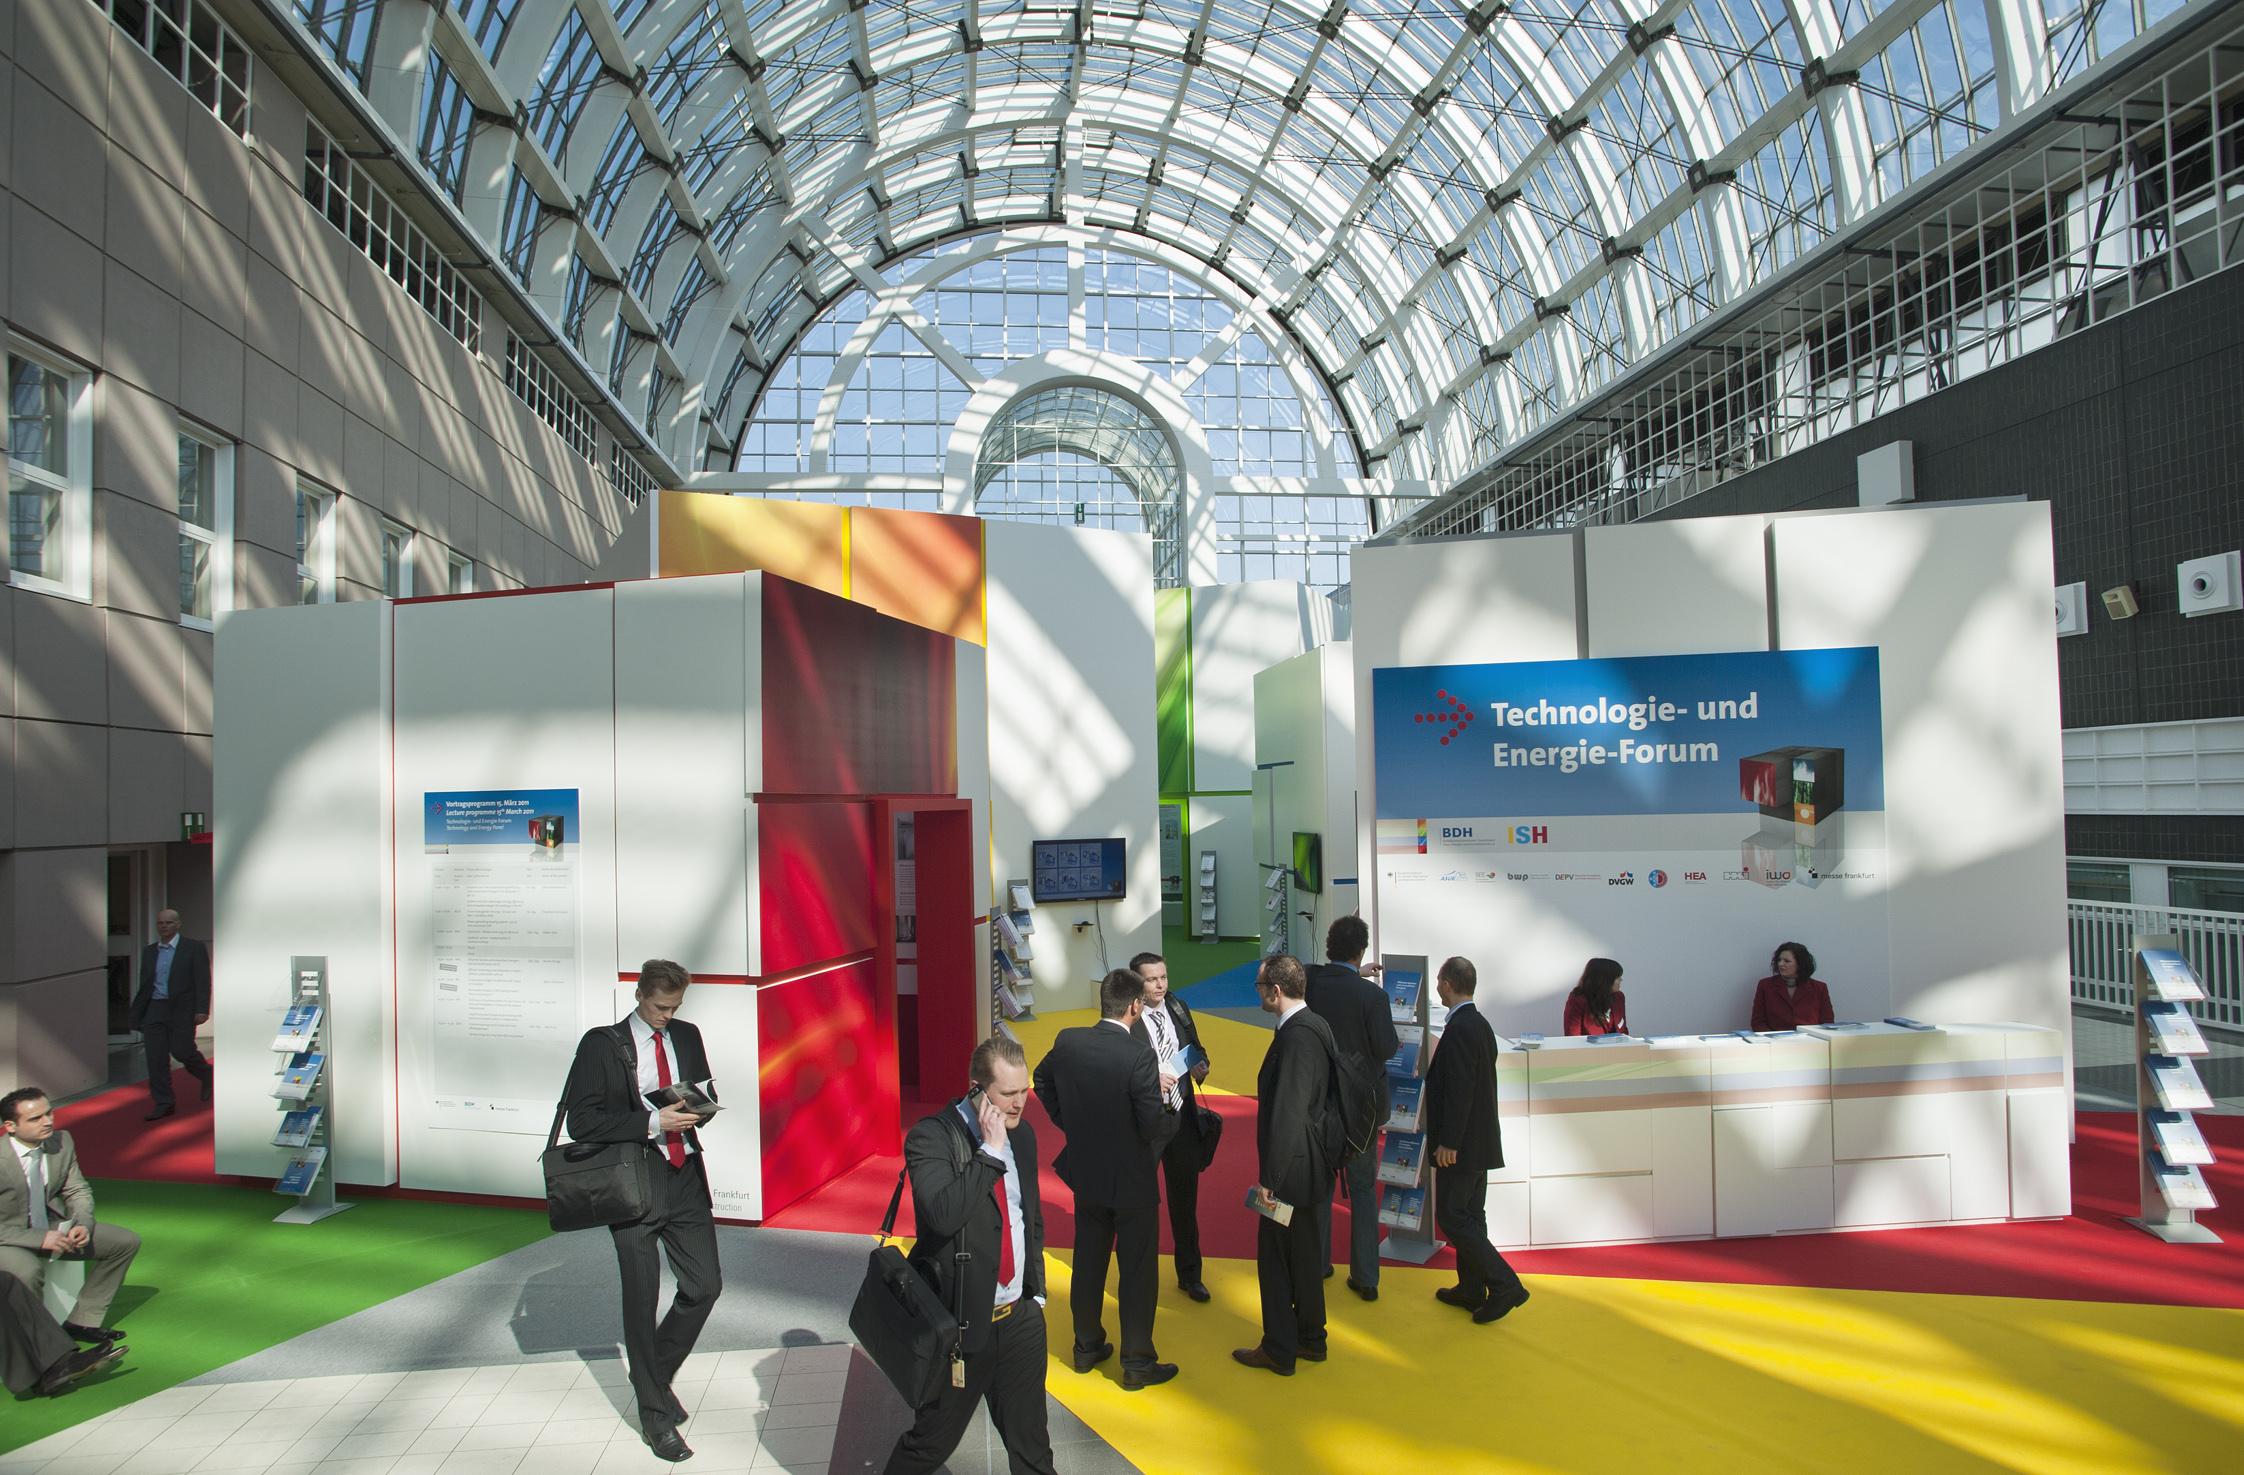 Heizungsindustrie mit umfangreichem Vortragsprogramm und großer Ausstellung auf der ISH 2013